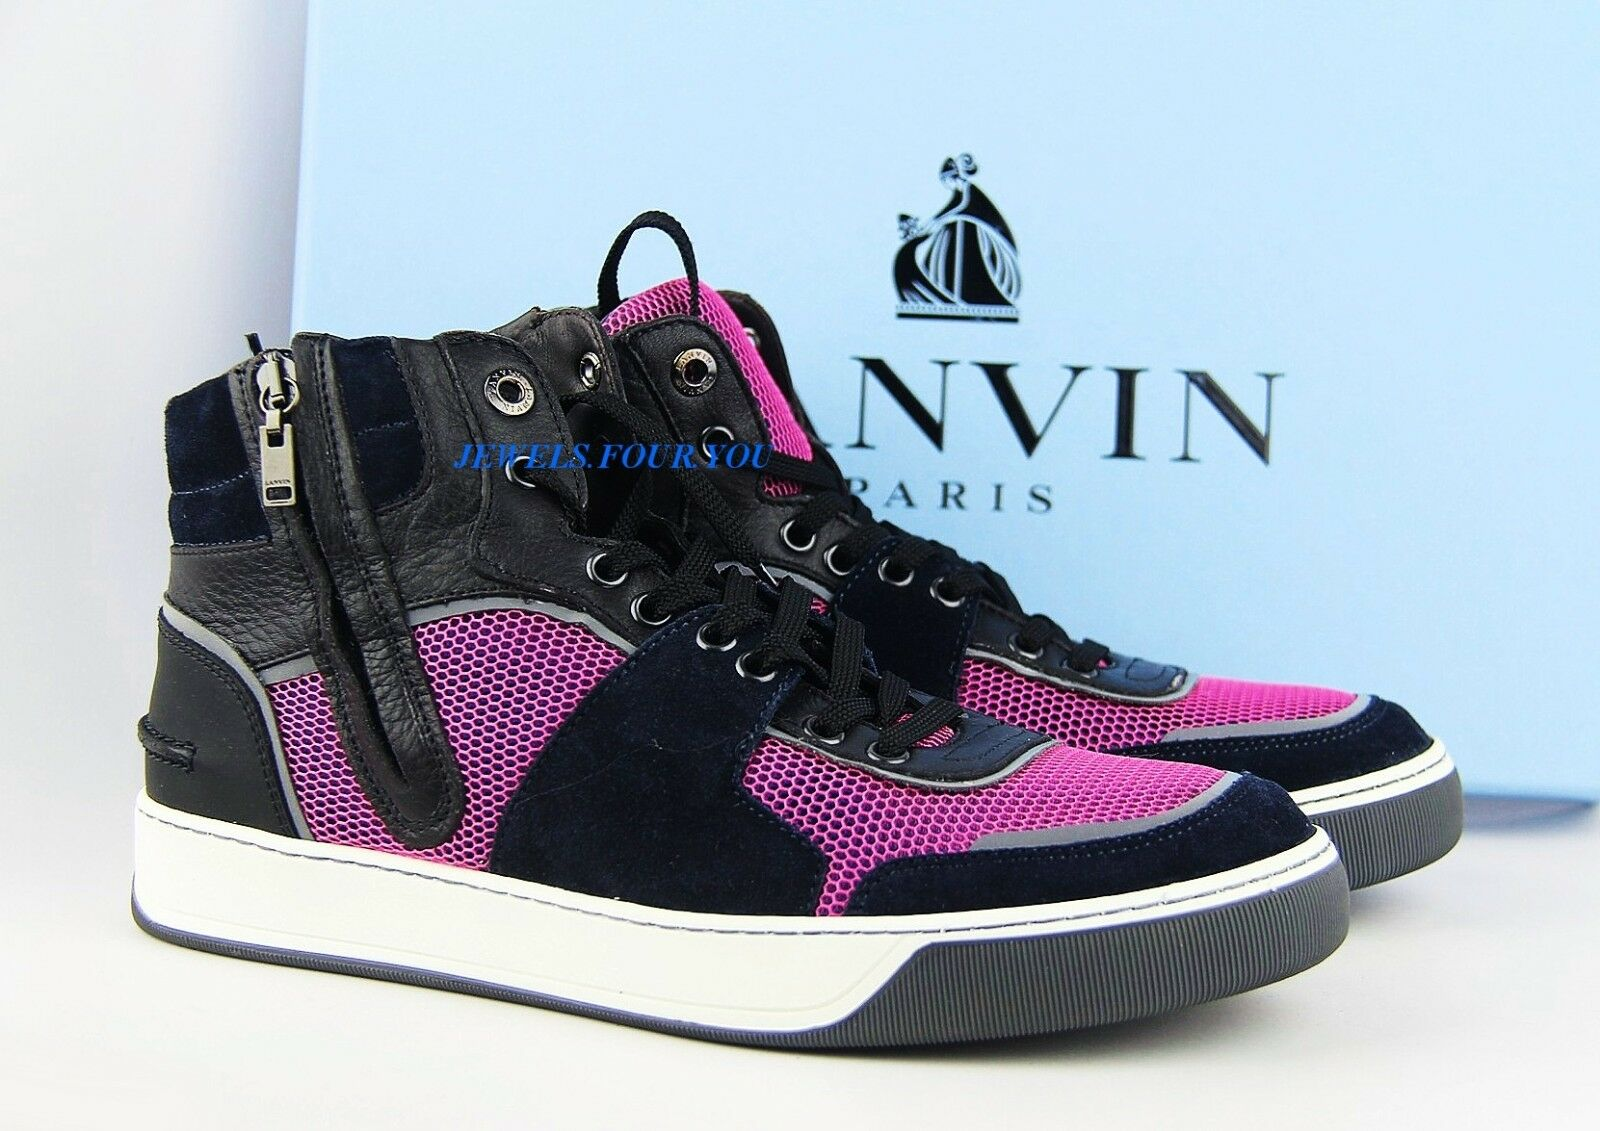 LANVIN nero blu blu blu rosa LEATHER SUEDE RUBBER SOLE scarpe ZIPPER scarpe da ginnastica ITALY  5 47ee6a